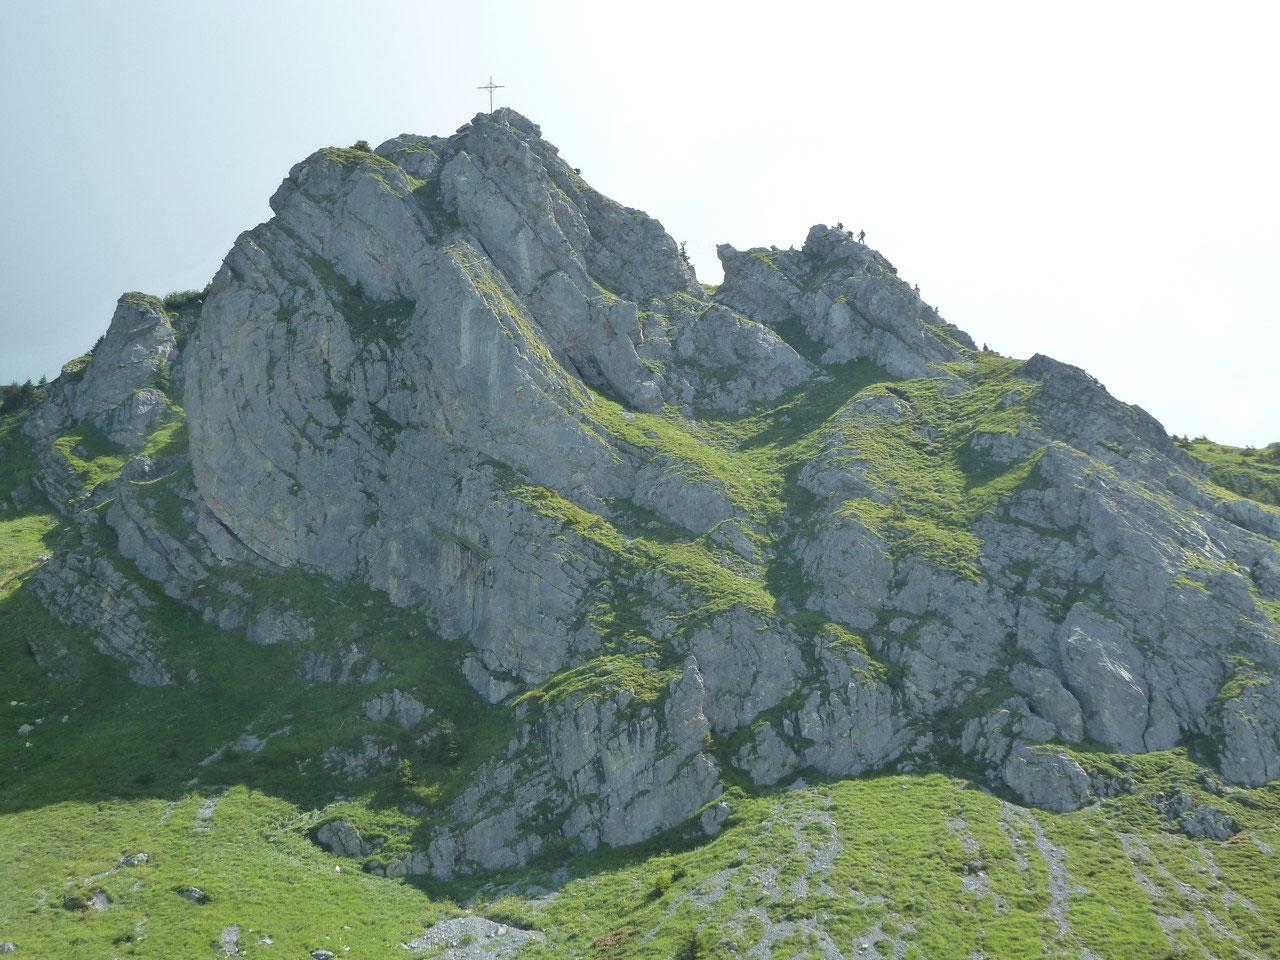 Klettersteig Adelboden : Klettersteige 2013 mel hs homepage!